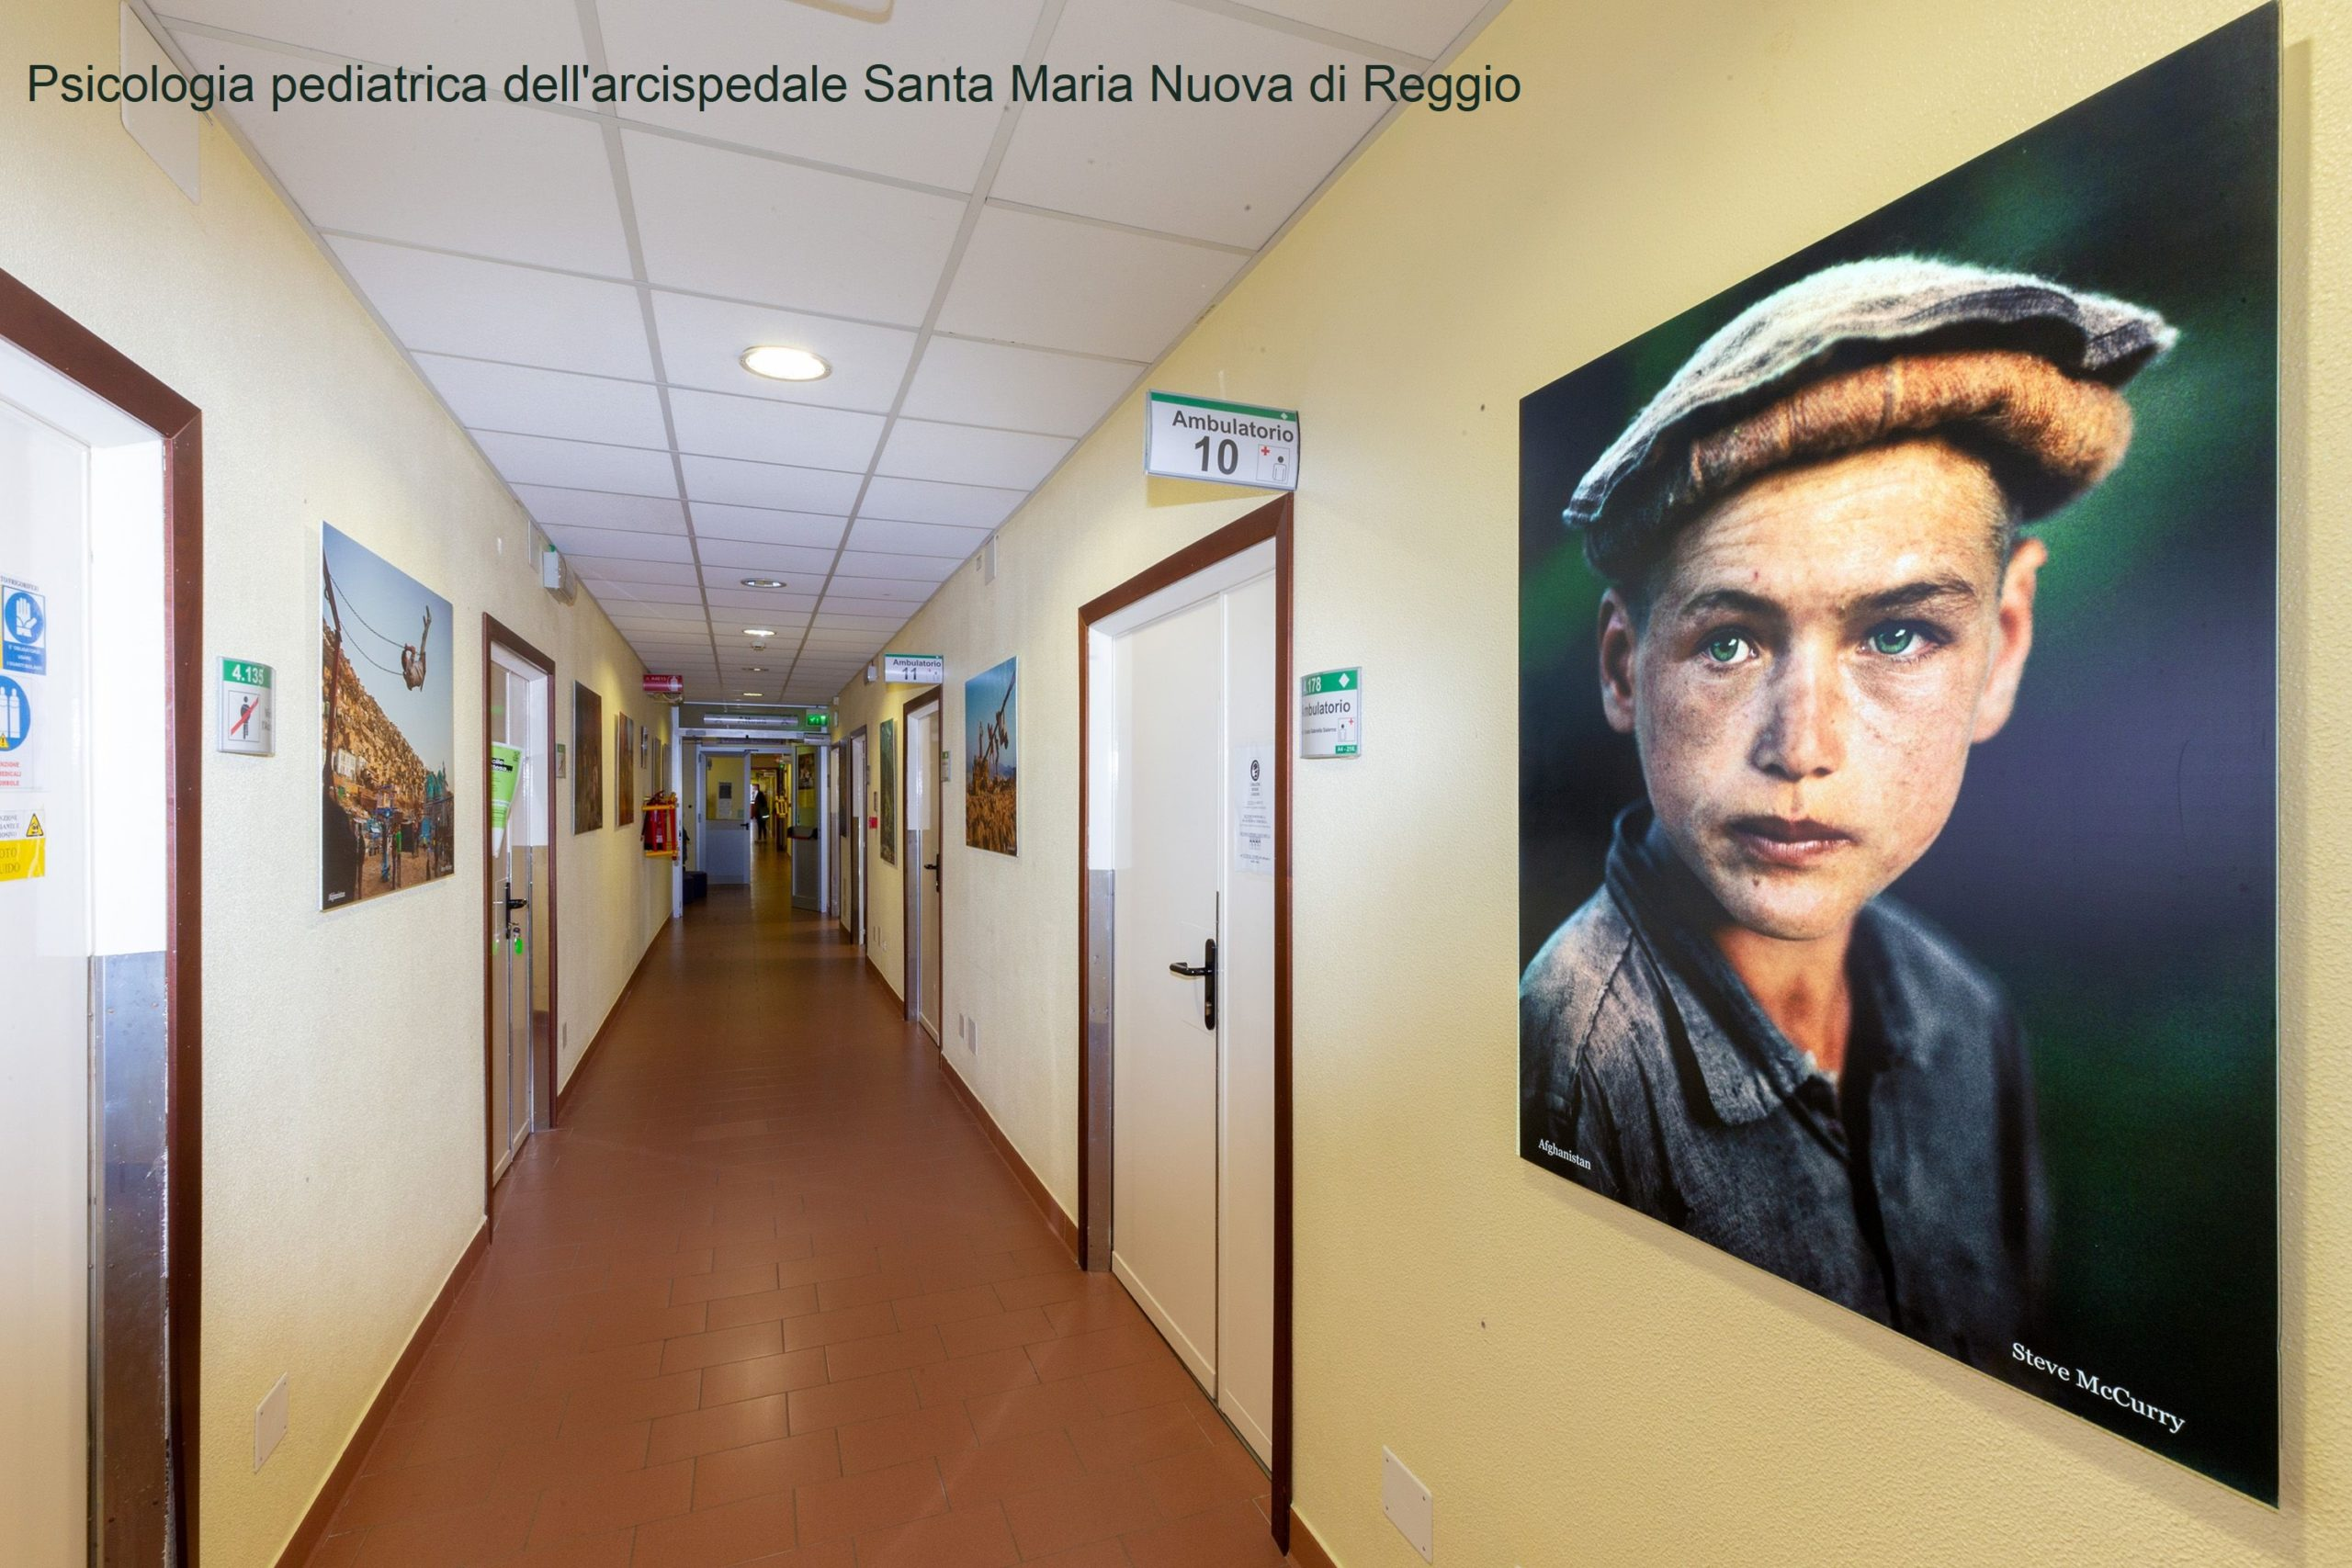 Psicologia Pediatrica all'Arcispedale Santa Maria Nuova, Reggio Emilia